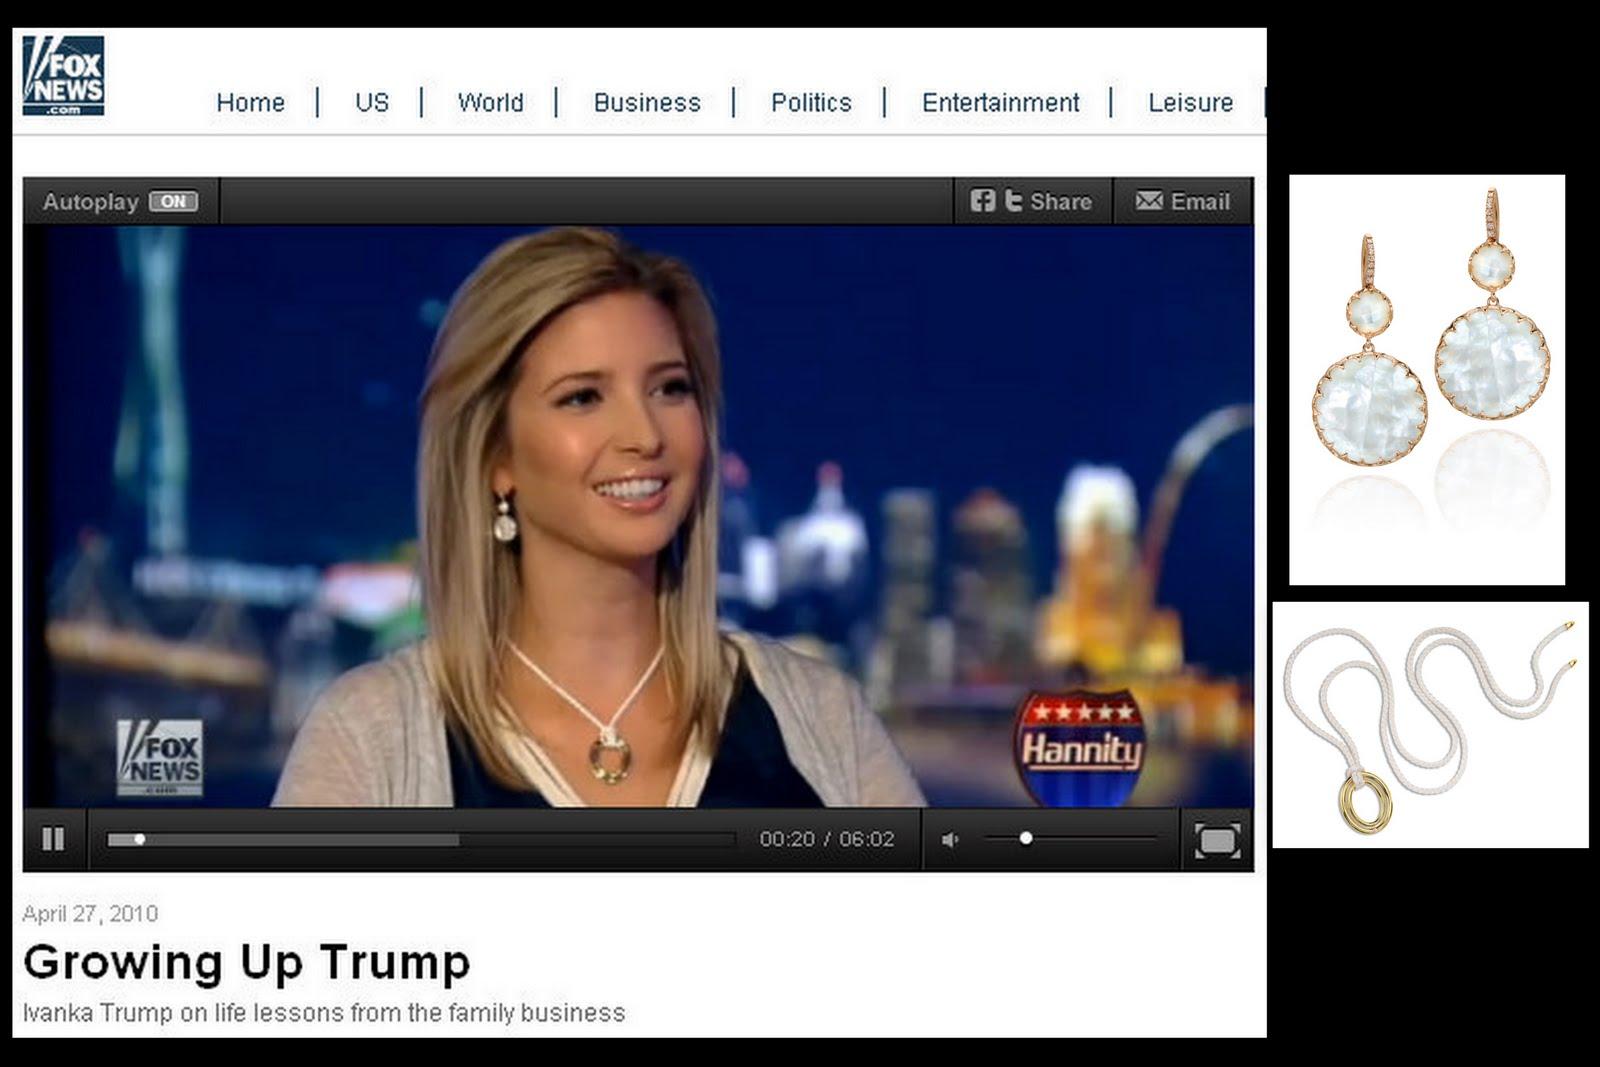 http://2.bp.blogspot.com/_p05ajdsJPw0/TDyNPGP7CqI/AAAAAAAABVI/b3Auw3f9_xM/s1600/Fox+%26+Friends+collage+-+April+27.jpg